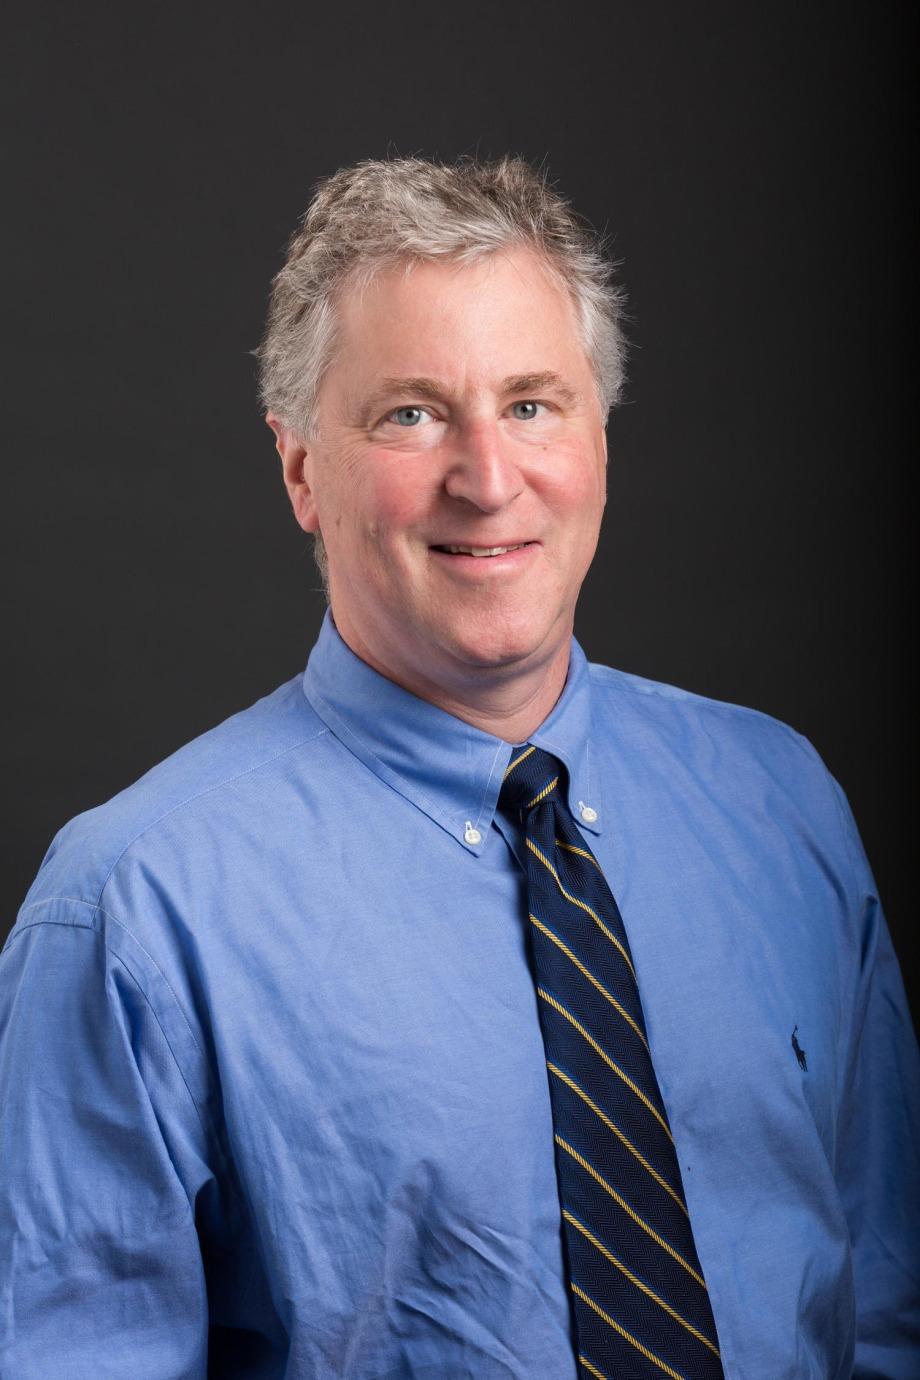 Dr. Peter Glazer